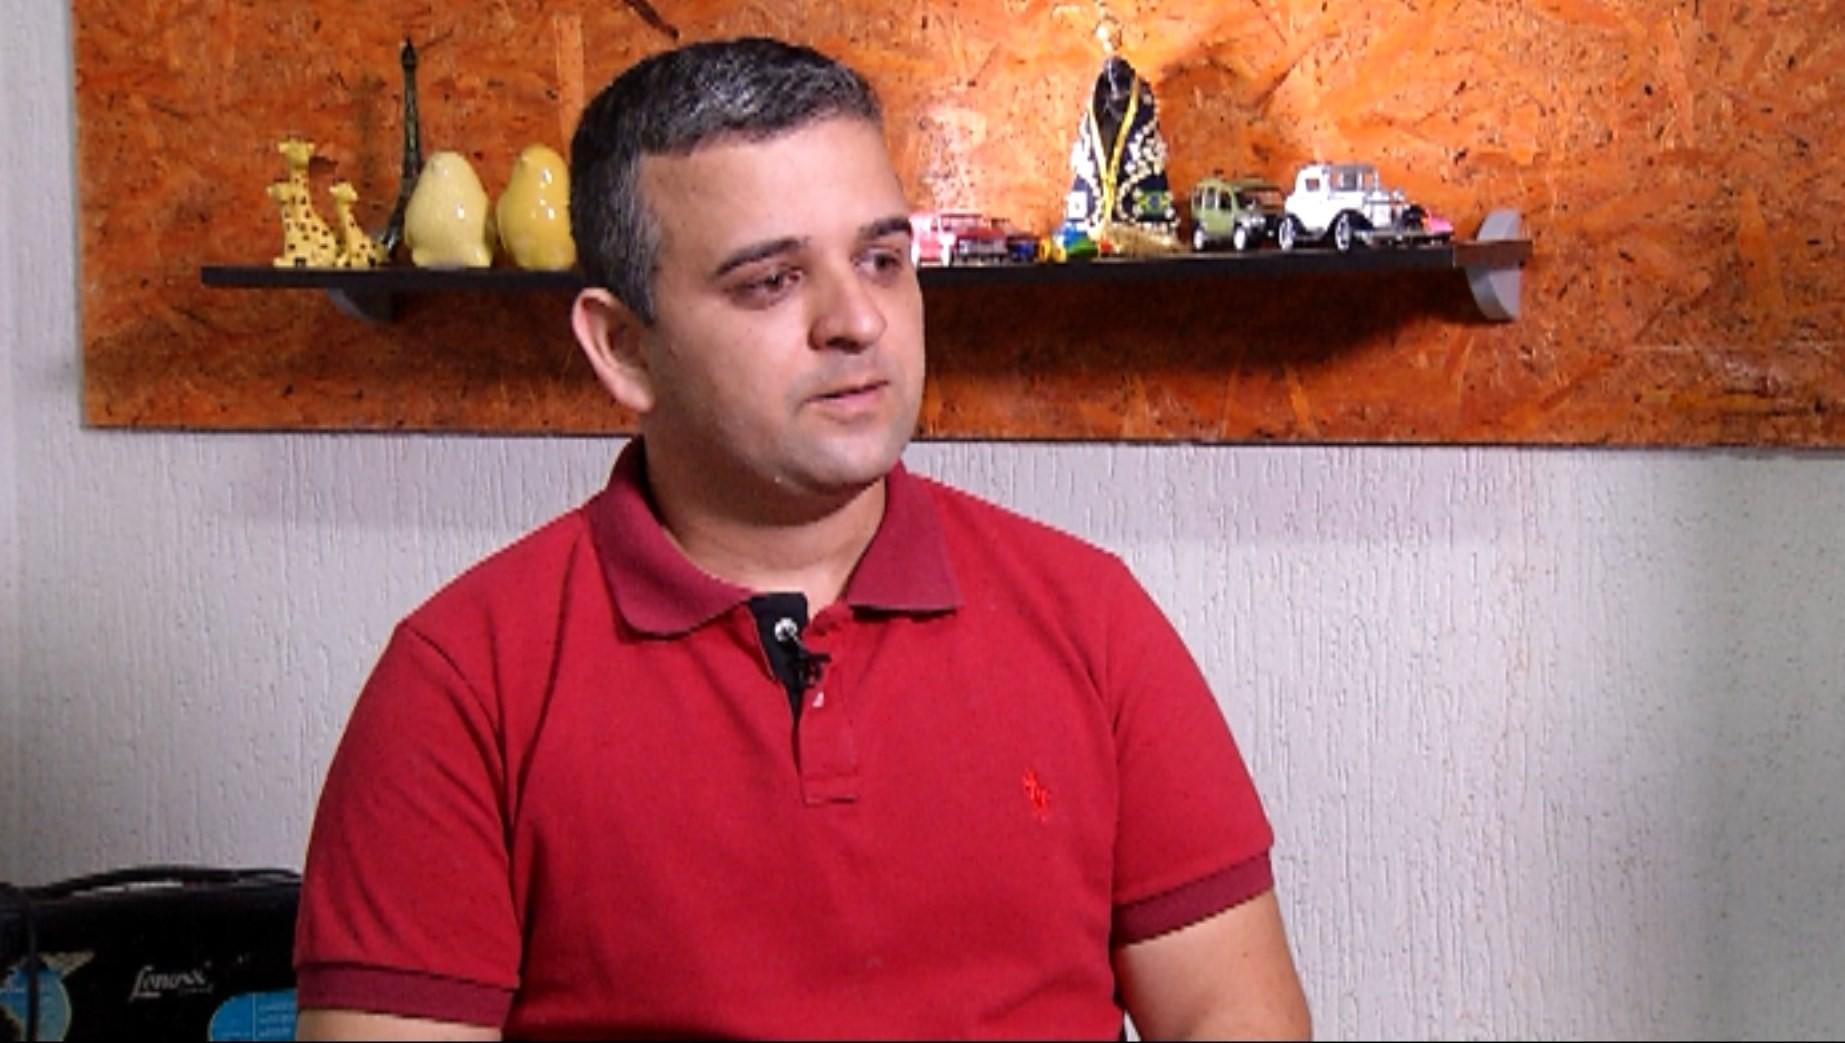 Pai de um dos bebês que morreram no HC-UFTM conta como recebeu a notícia: 'É triste'